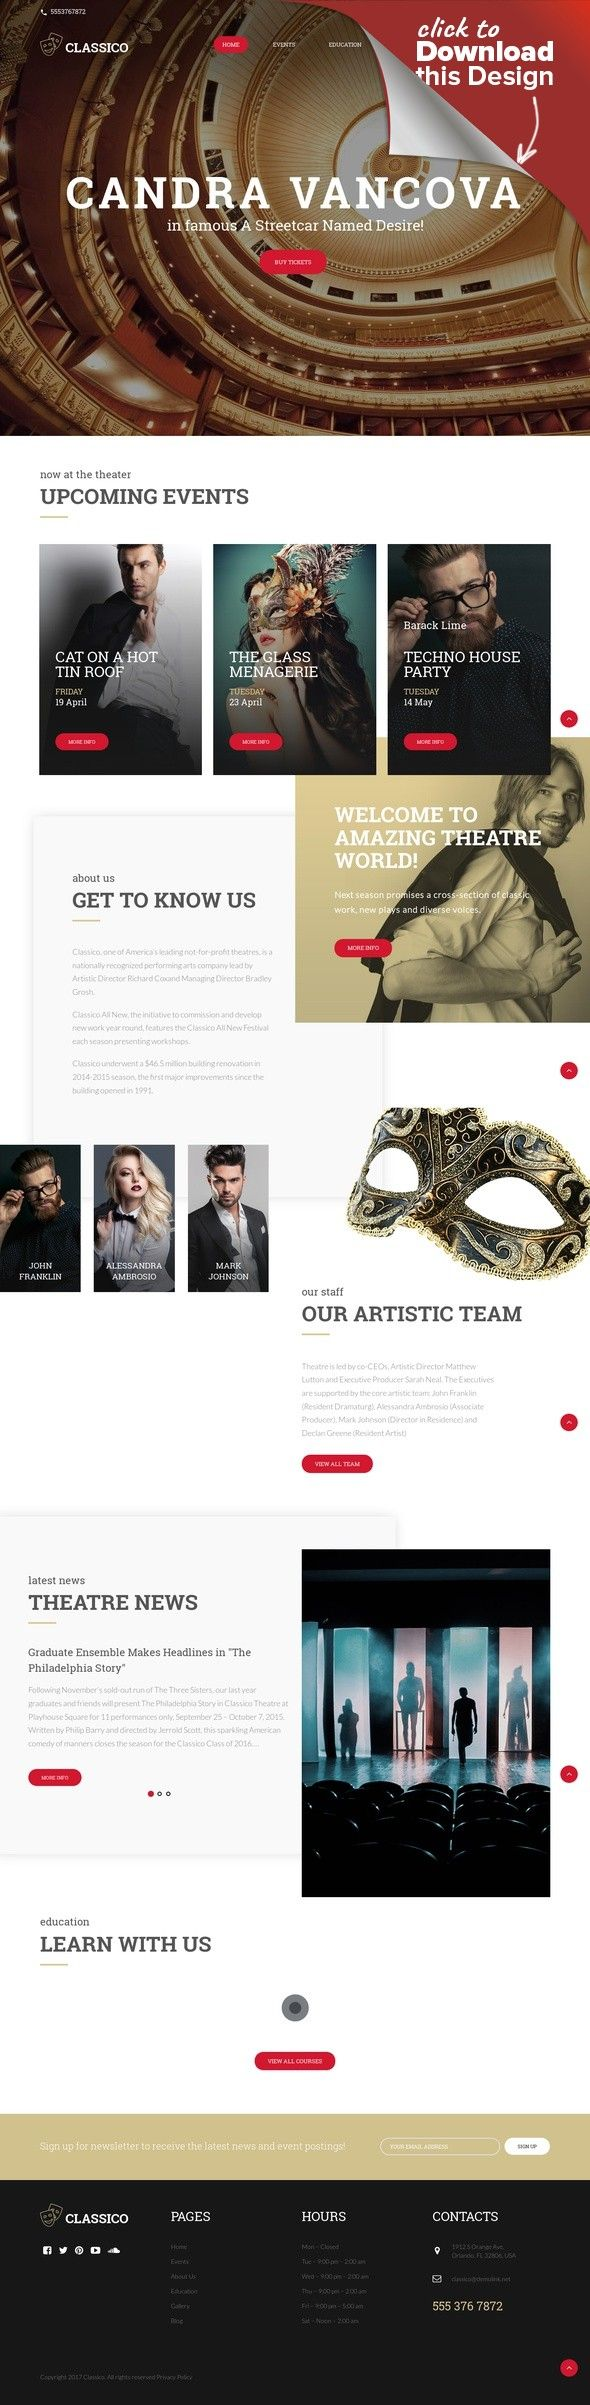 Template WordPress Responsive #64441 per Un Sito di Teatro Modelli CMS e Blog, Temi Wordpress, Template Arte e Cultura, Template Teatro   Template WordPress per Un Sito di Teatro. Funzionalità aggiuntive, documentazione dettagliata e immagini stock incluse.